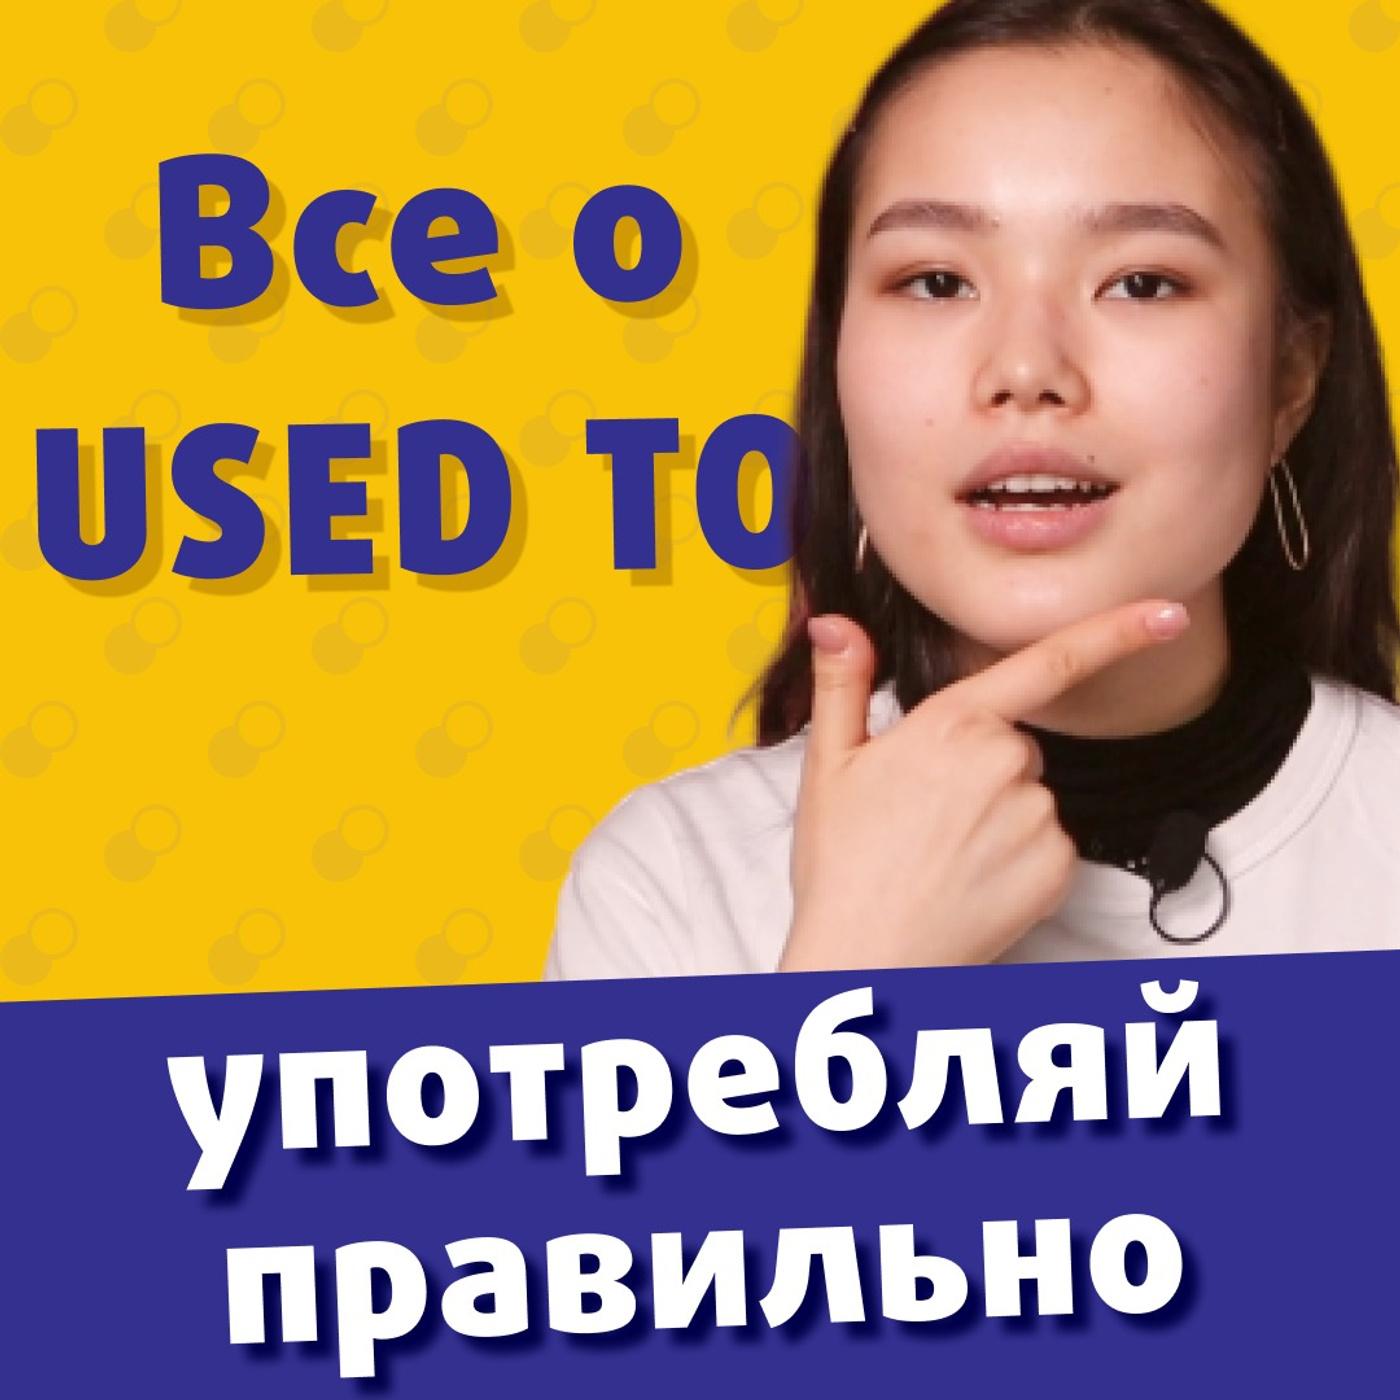 Купить книгу Разница much, many, a lot, автора Имановой Маулиды